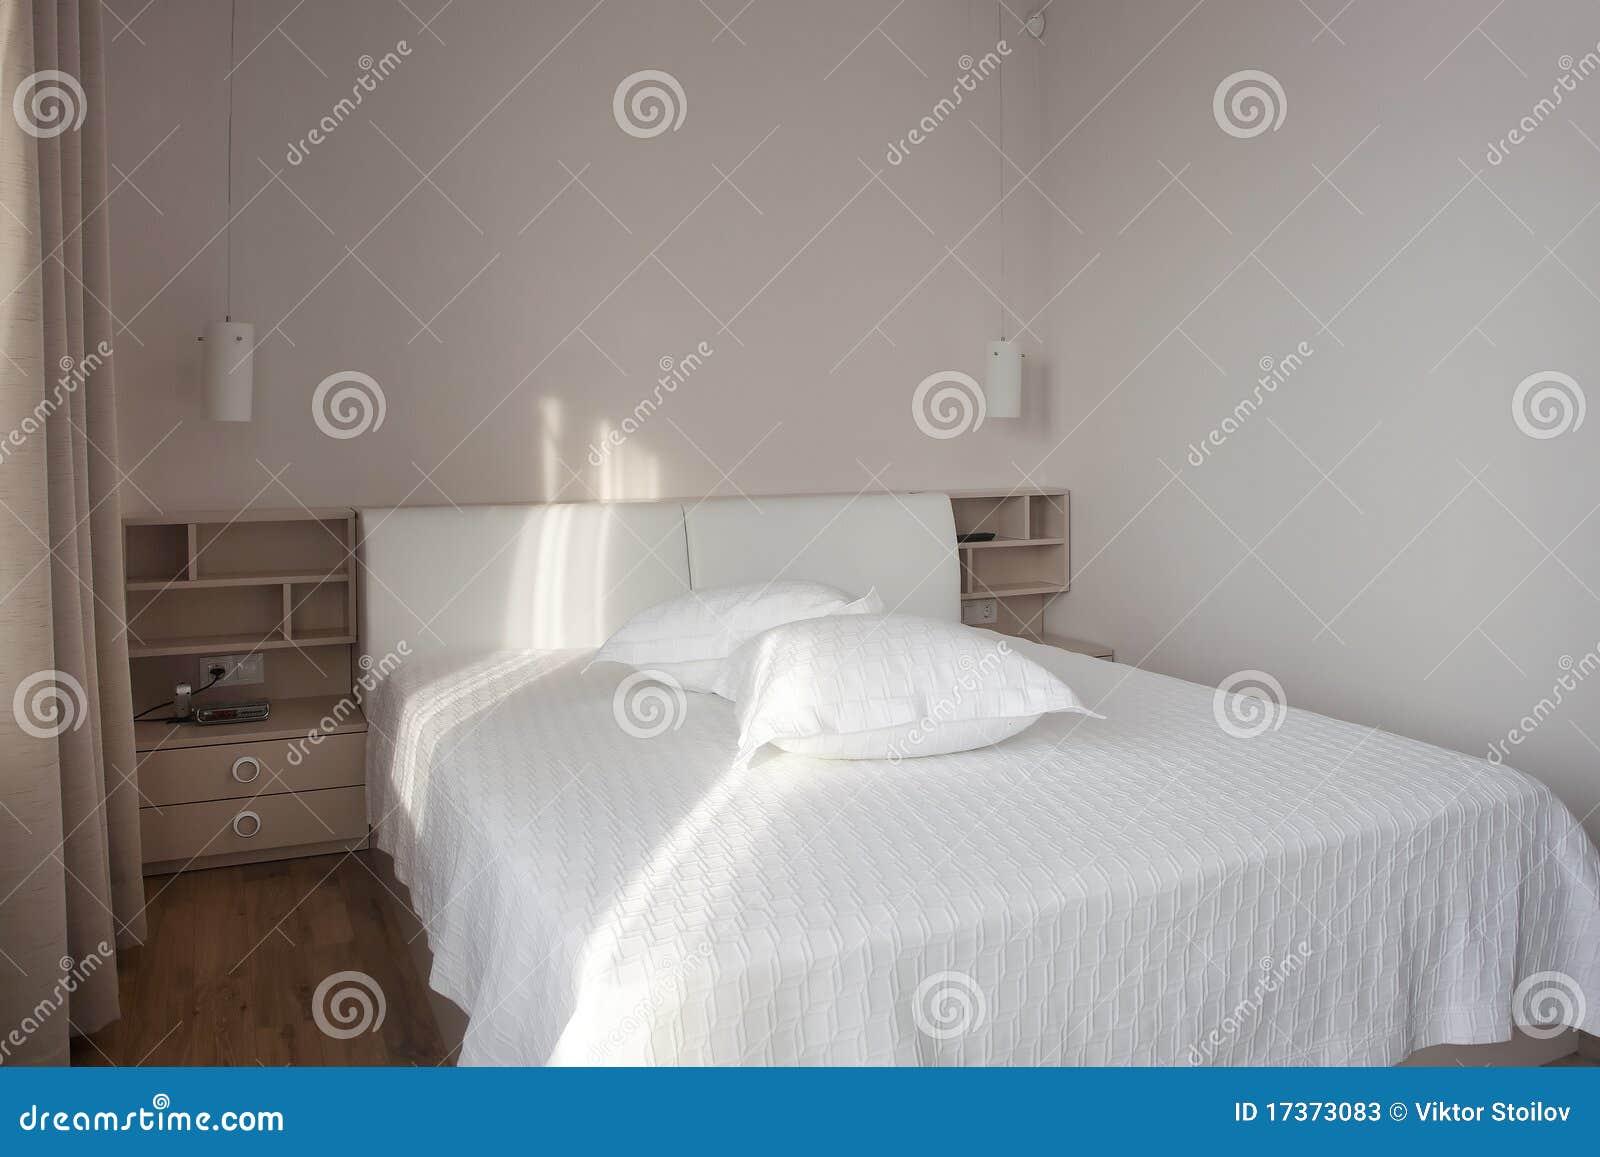 Witte Slaapkamer Stock Fotos - Afbeelding: 17373083